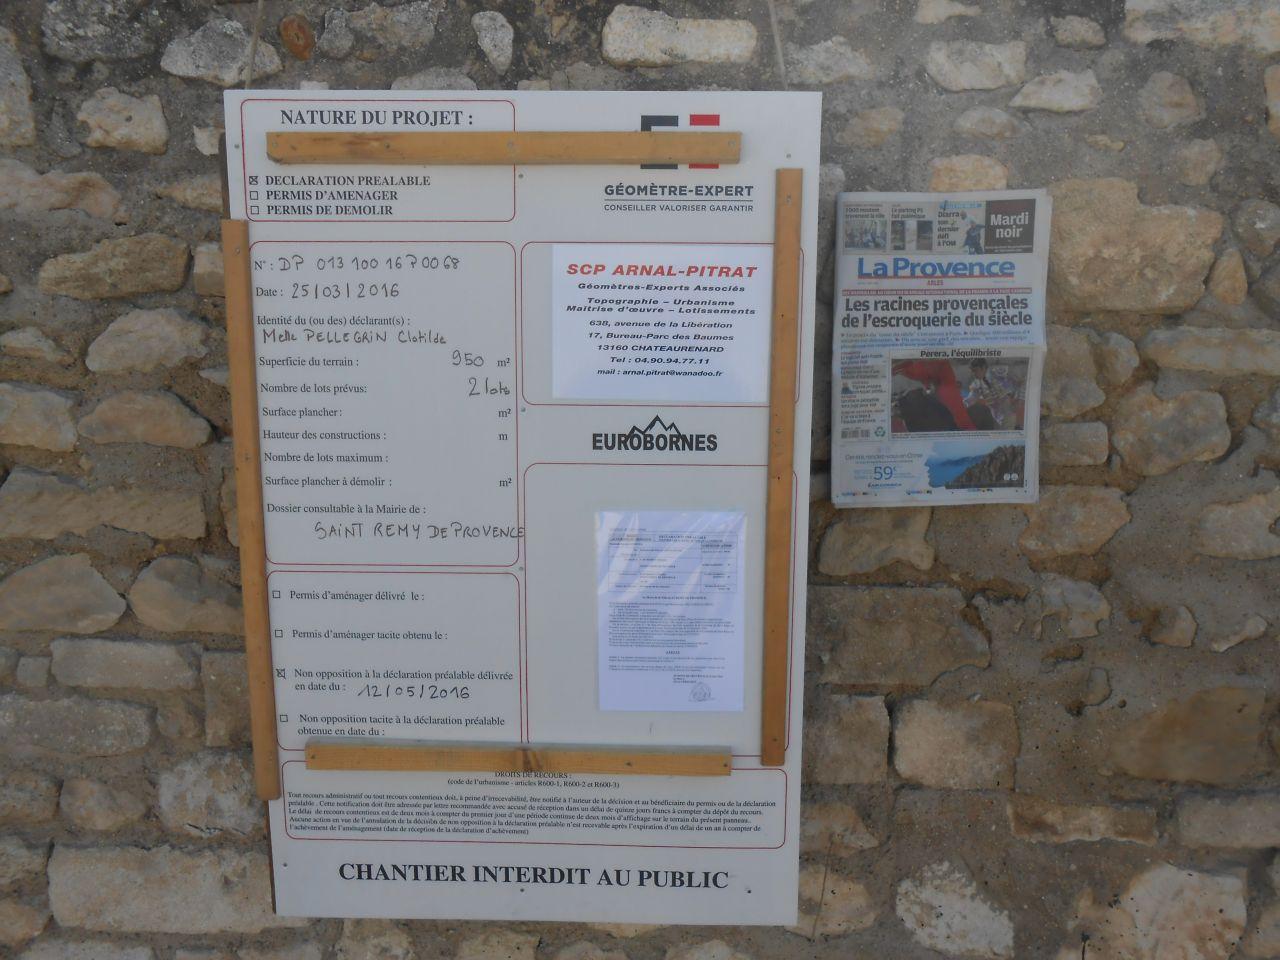 Obtention dp de division pi ces manquantes au permis d claration d 39 intention d 39 ali ner st - Panneau affichage declaration prealable ...